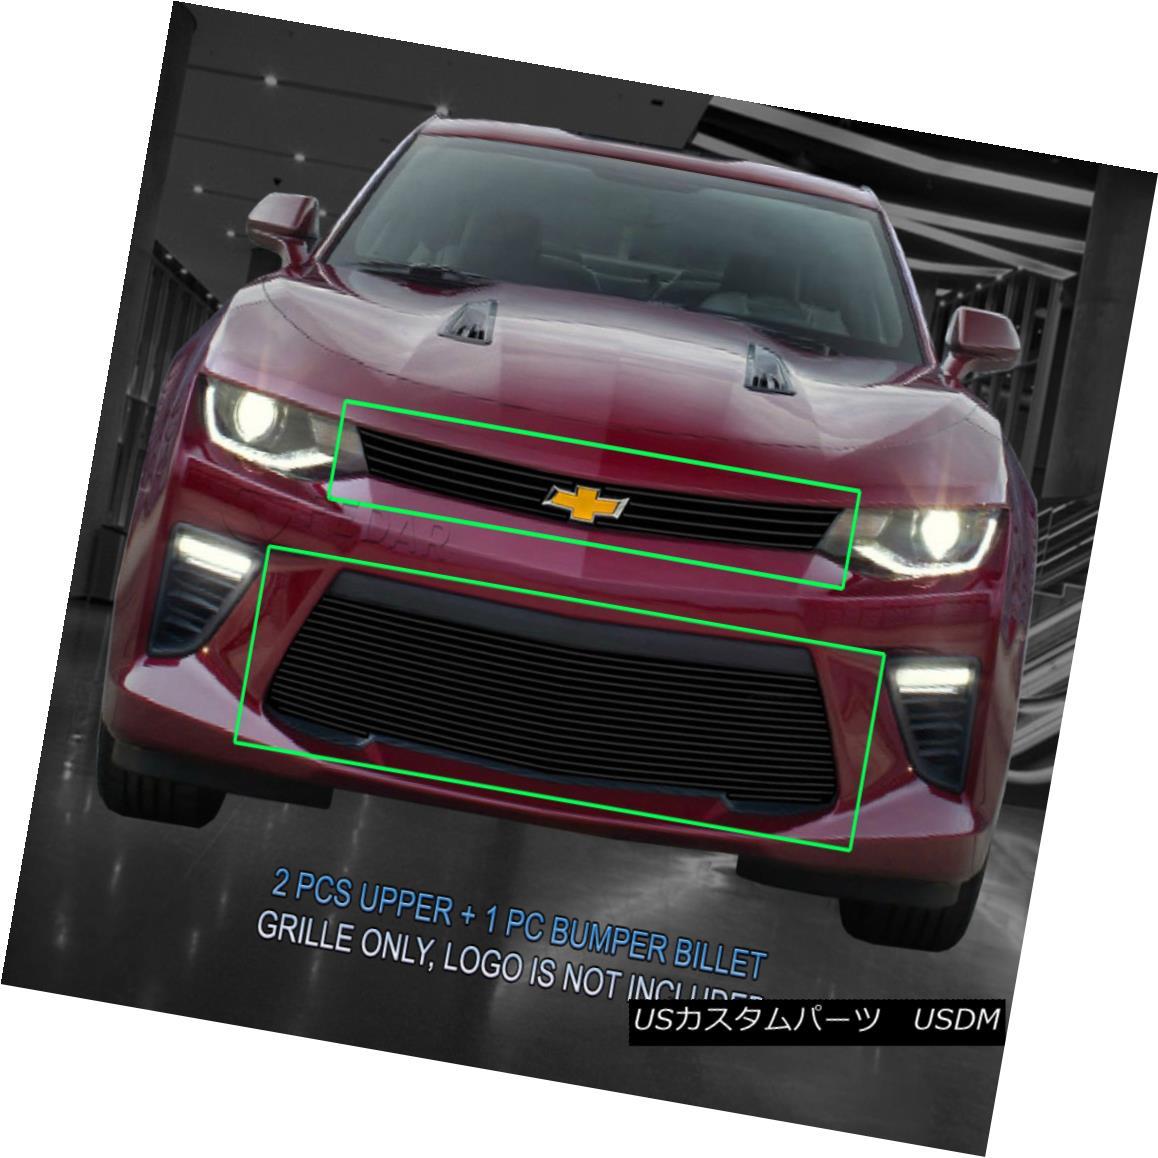 グリル Fedar Fits 2016-2017 Chevy Camaro SS Black Billet Grille Insert Fedar Fits 2016-2017 Chevy Camaro SSブラックビレットグリルインサート